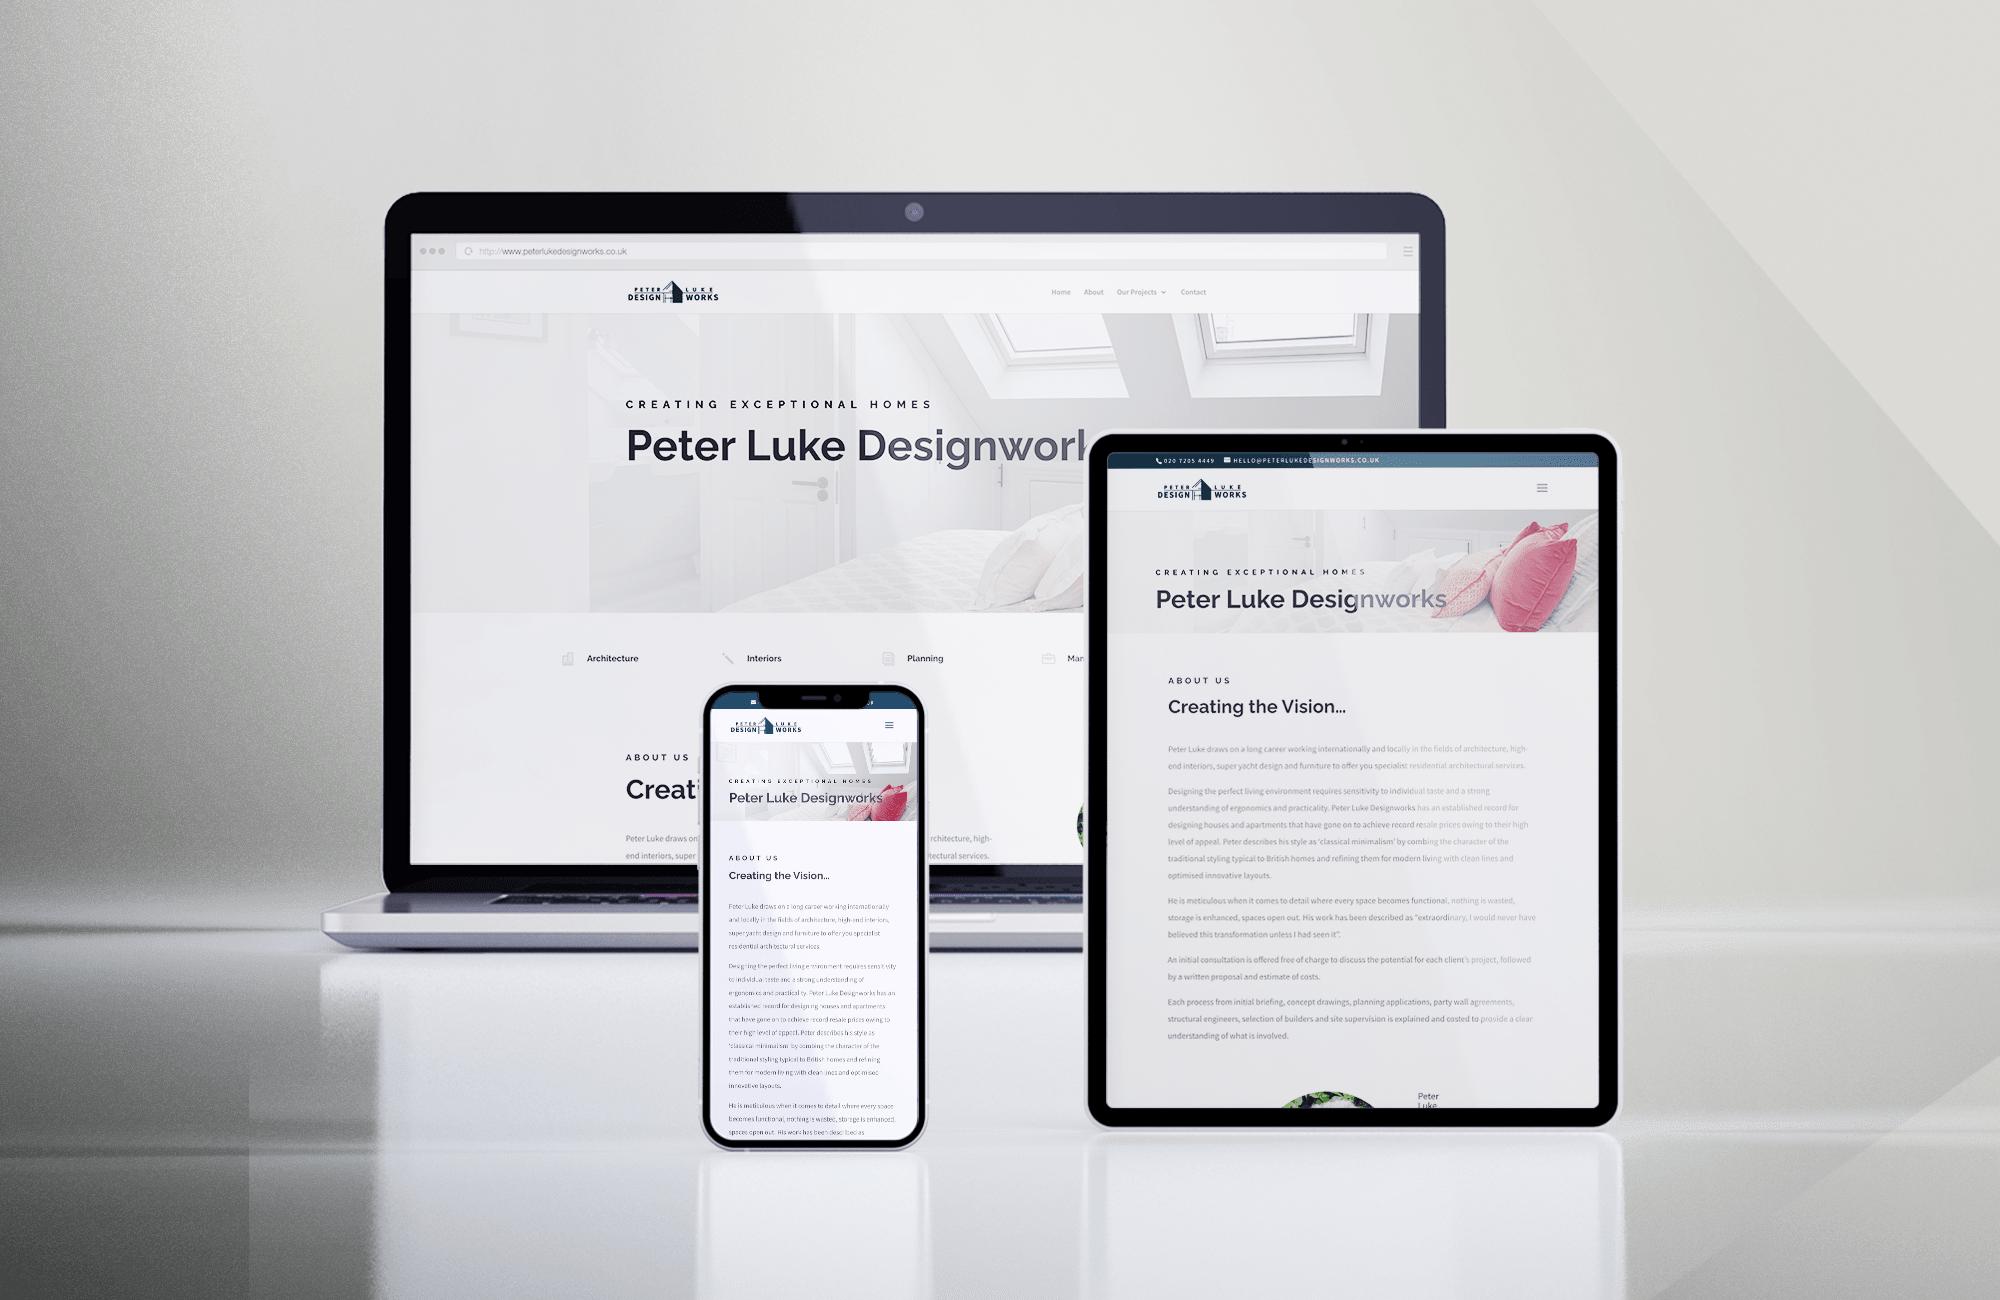 Peter Luke Designworks website by Harpr Surveyors